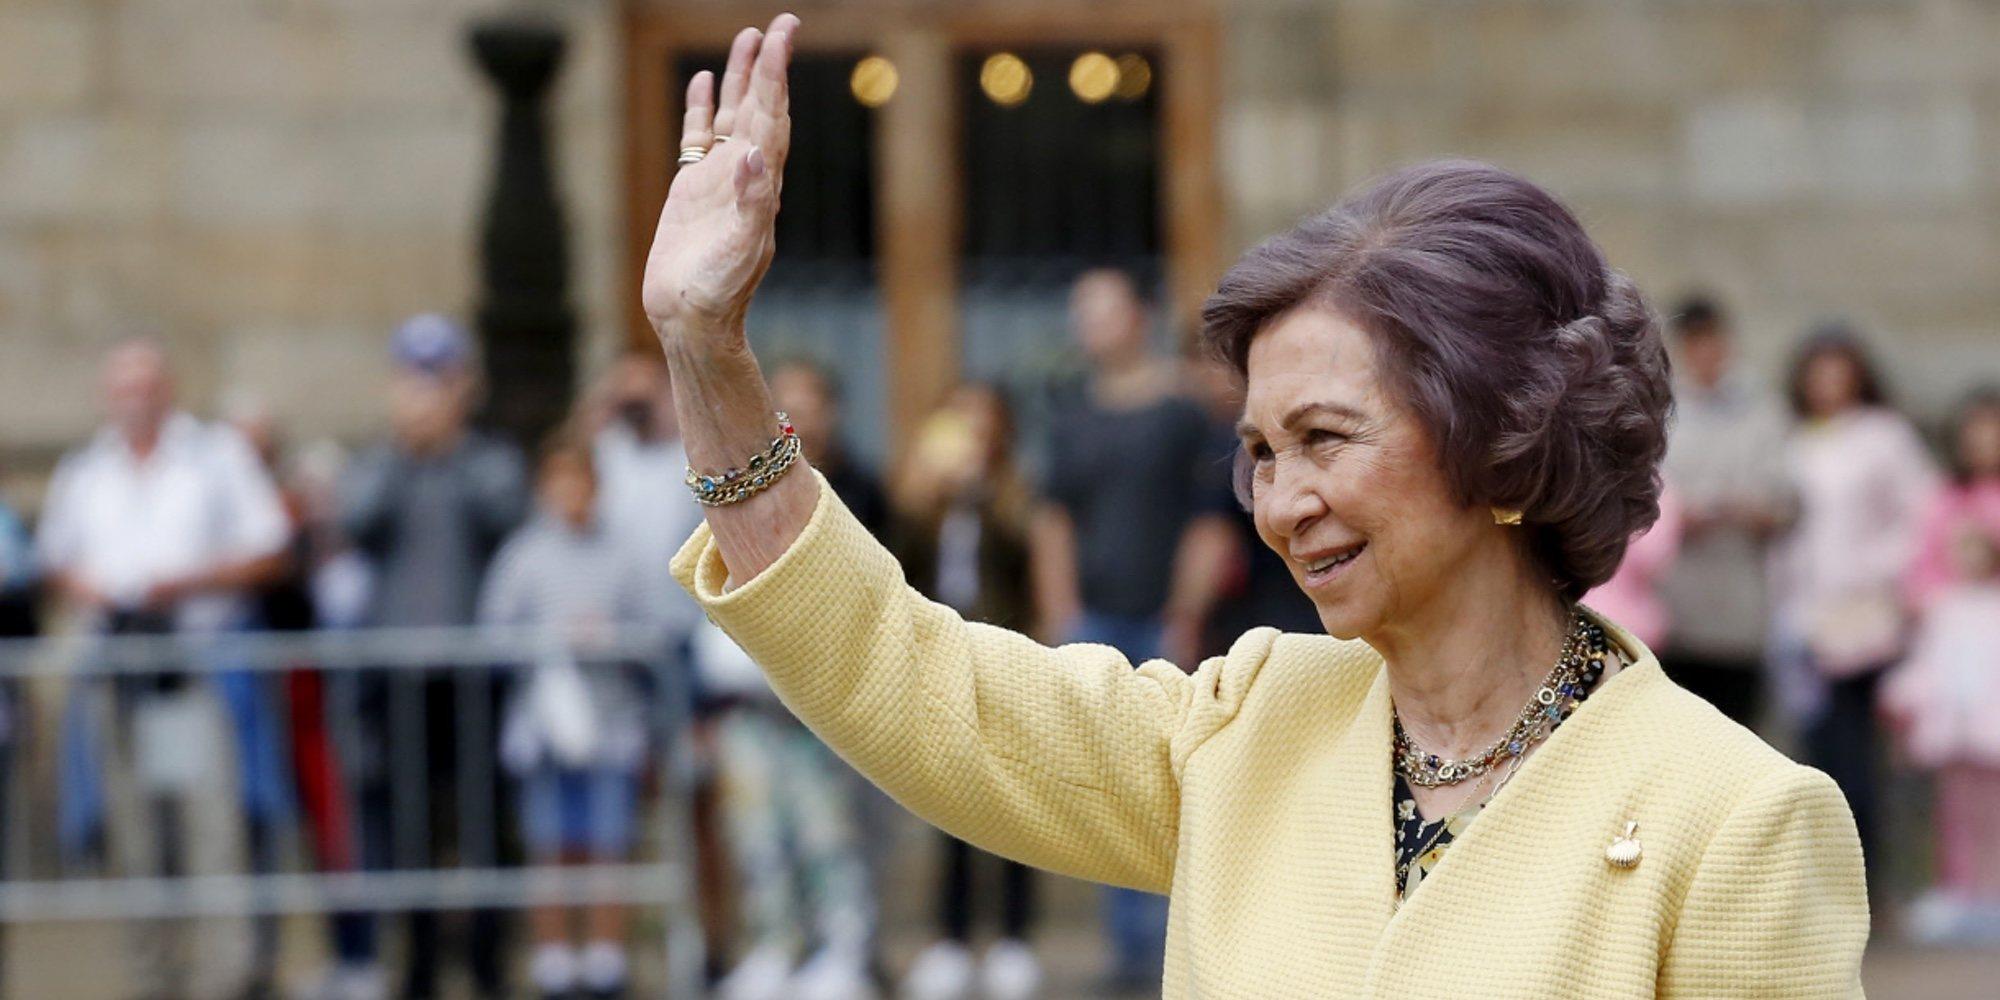 La Reina Sofía, fascinada en su regreso a la agenda oficial tras su viaje a Florencia y la entrada en la cárcel de Urdangarin